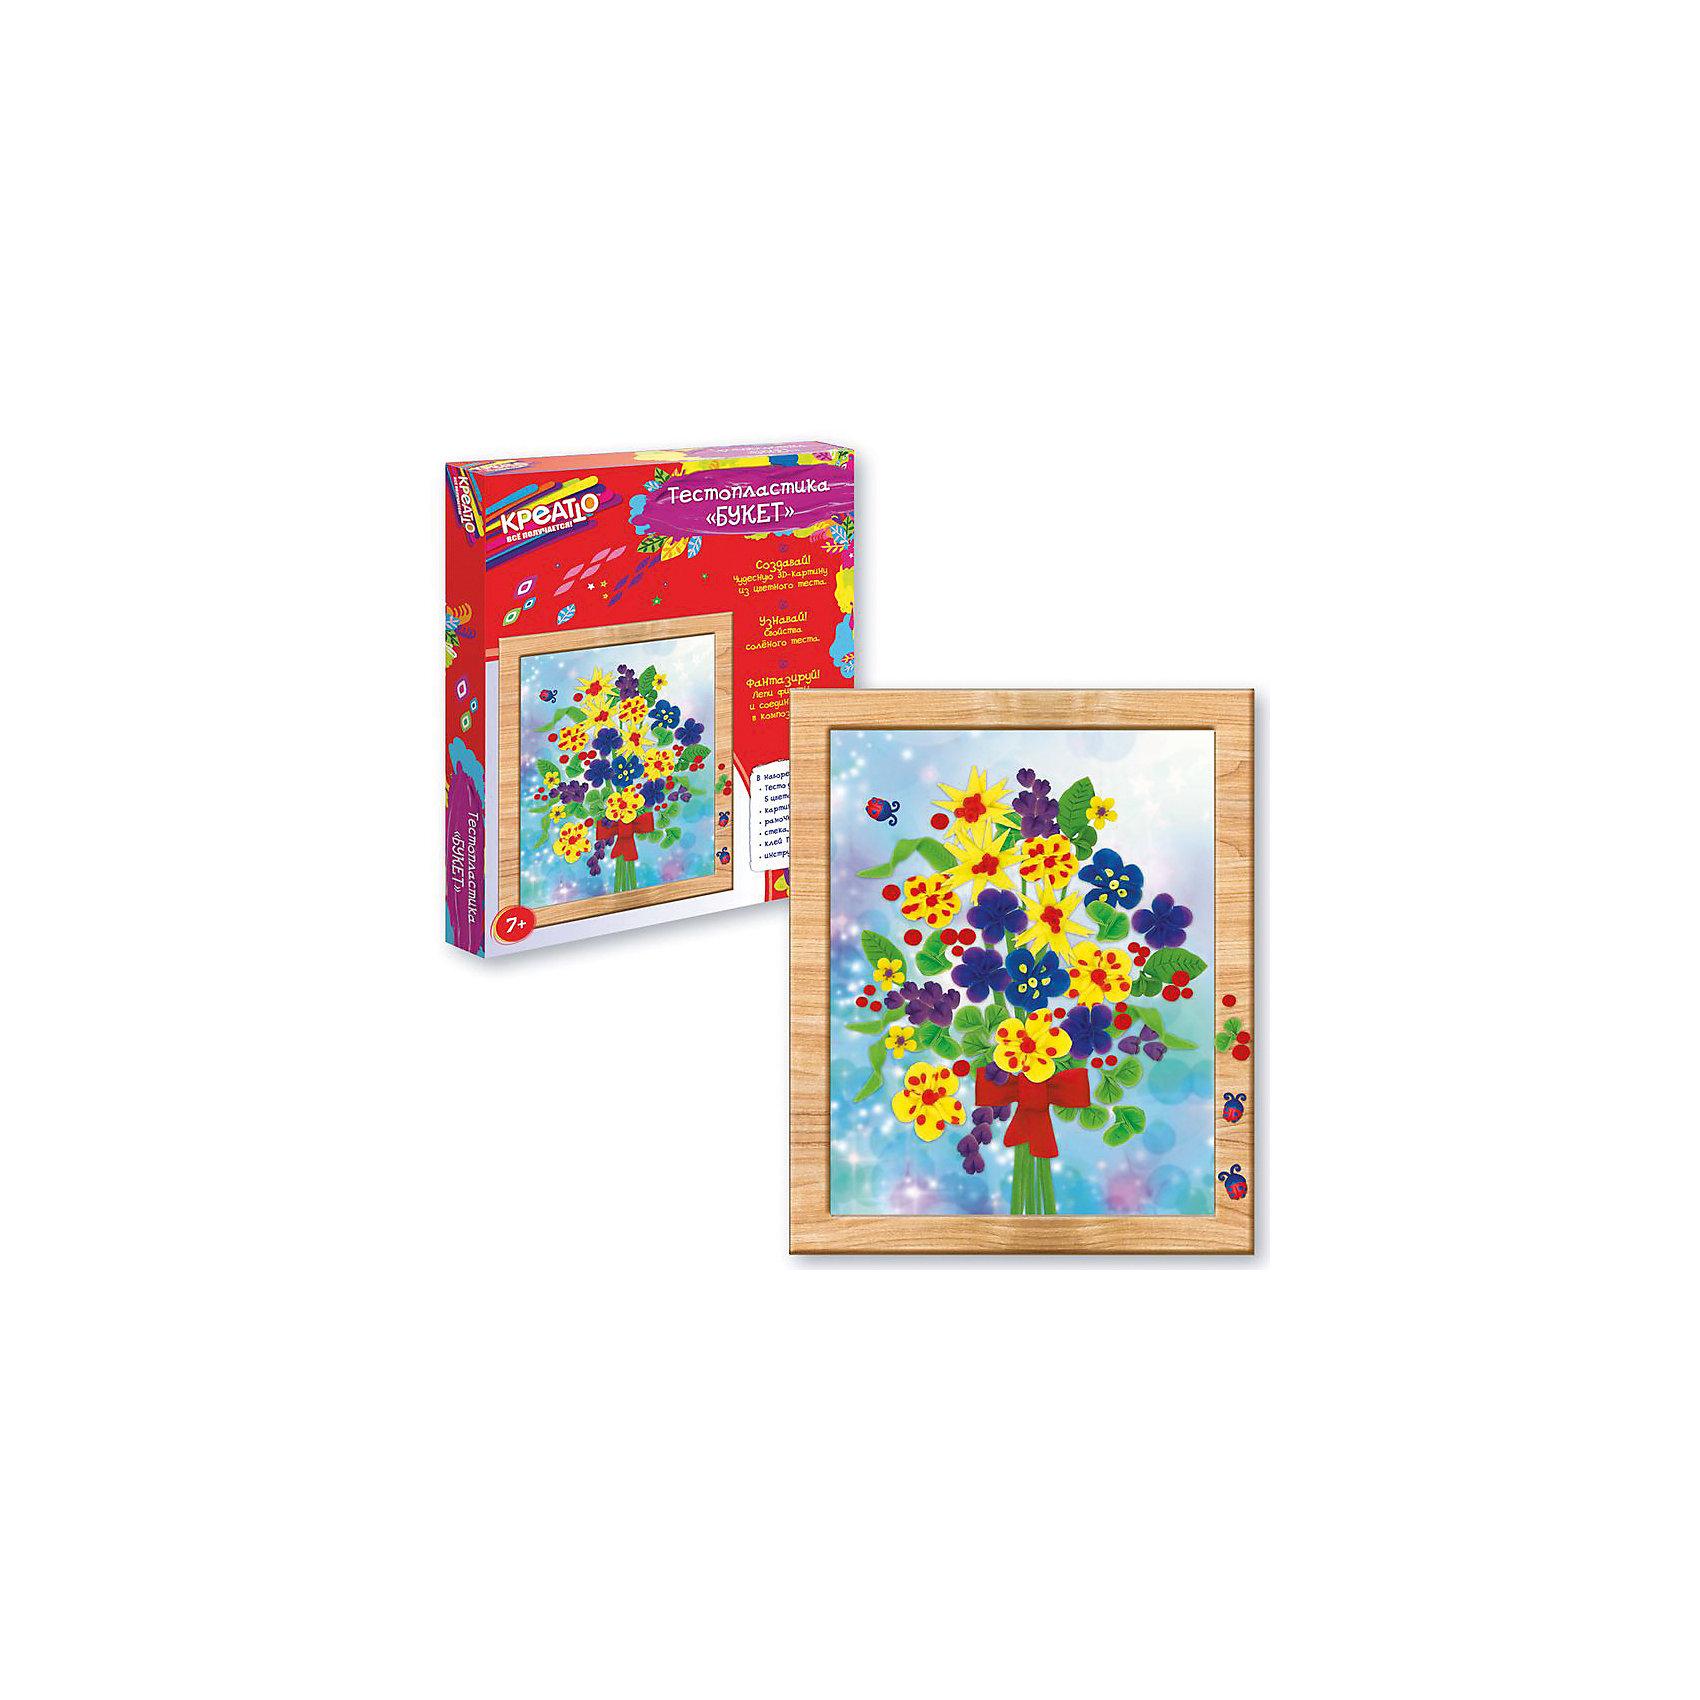 Тестопластика Букет, CreattoЛепка<br>Создайте вместе со своей юной рукодельницей очаровательную цветочную 3D-композицию из мягкого и податливого теста. С помощью подробной инструкции вылепите красивые цветы, листья, стебельки и божьих коровок. Делайте их тонкими, чтобы они быстрее застыли. Высушите заготовки за 5 - 9 часов, наклейте на картинку с помощью ПВА и поместите поделку в рамочку. Восхитительная объемная композиция готова! А во время ее создания активно развиваются мелкая моторика, тактильное восприятие, умение лепить и творческие способности.&#13;<br>В наборе для тестопластики Букет ТМ КРЕАТТО 10 предметов: 5 цветов теста для лепки по 30 г, стека, клей ПВА, карточка, рамочка, подробная инструкция. Мягкое цветное тесто создано специально для детских пальчиков и идеально подходит для лепки: оно очень пластично, не липнет к рукам, не пачкается, застывает на воздухе за несколько часов. Внимание: тесто НЕ пригодно для еды! Товар сертифицирован. Срок годности: 3 года. Упаковка - коробка (28х23х3 см).<br><br>Ширина мм: 285<br>Глубина мм: 235<br>Высота мм: 30<br>Вес г: 300<br>Возраст от месяцев: 60<br>Возраст до месяцев: 2147483647<br>Пол: Унисекс<br>Возраст: Детский<br>SKU: 5453393